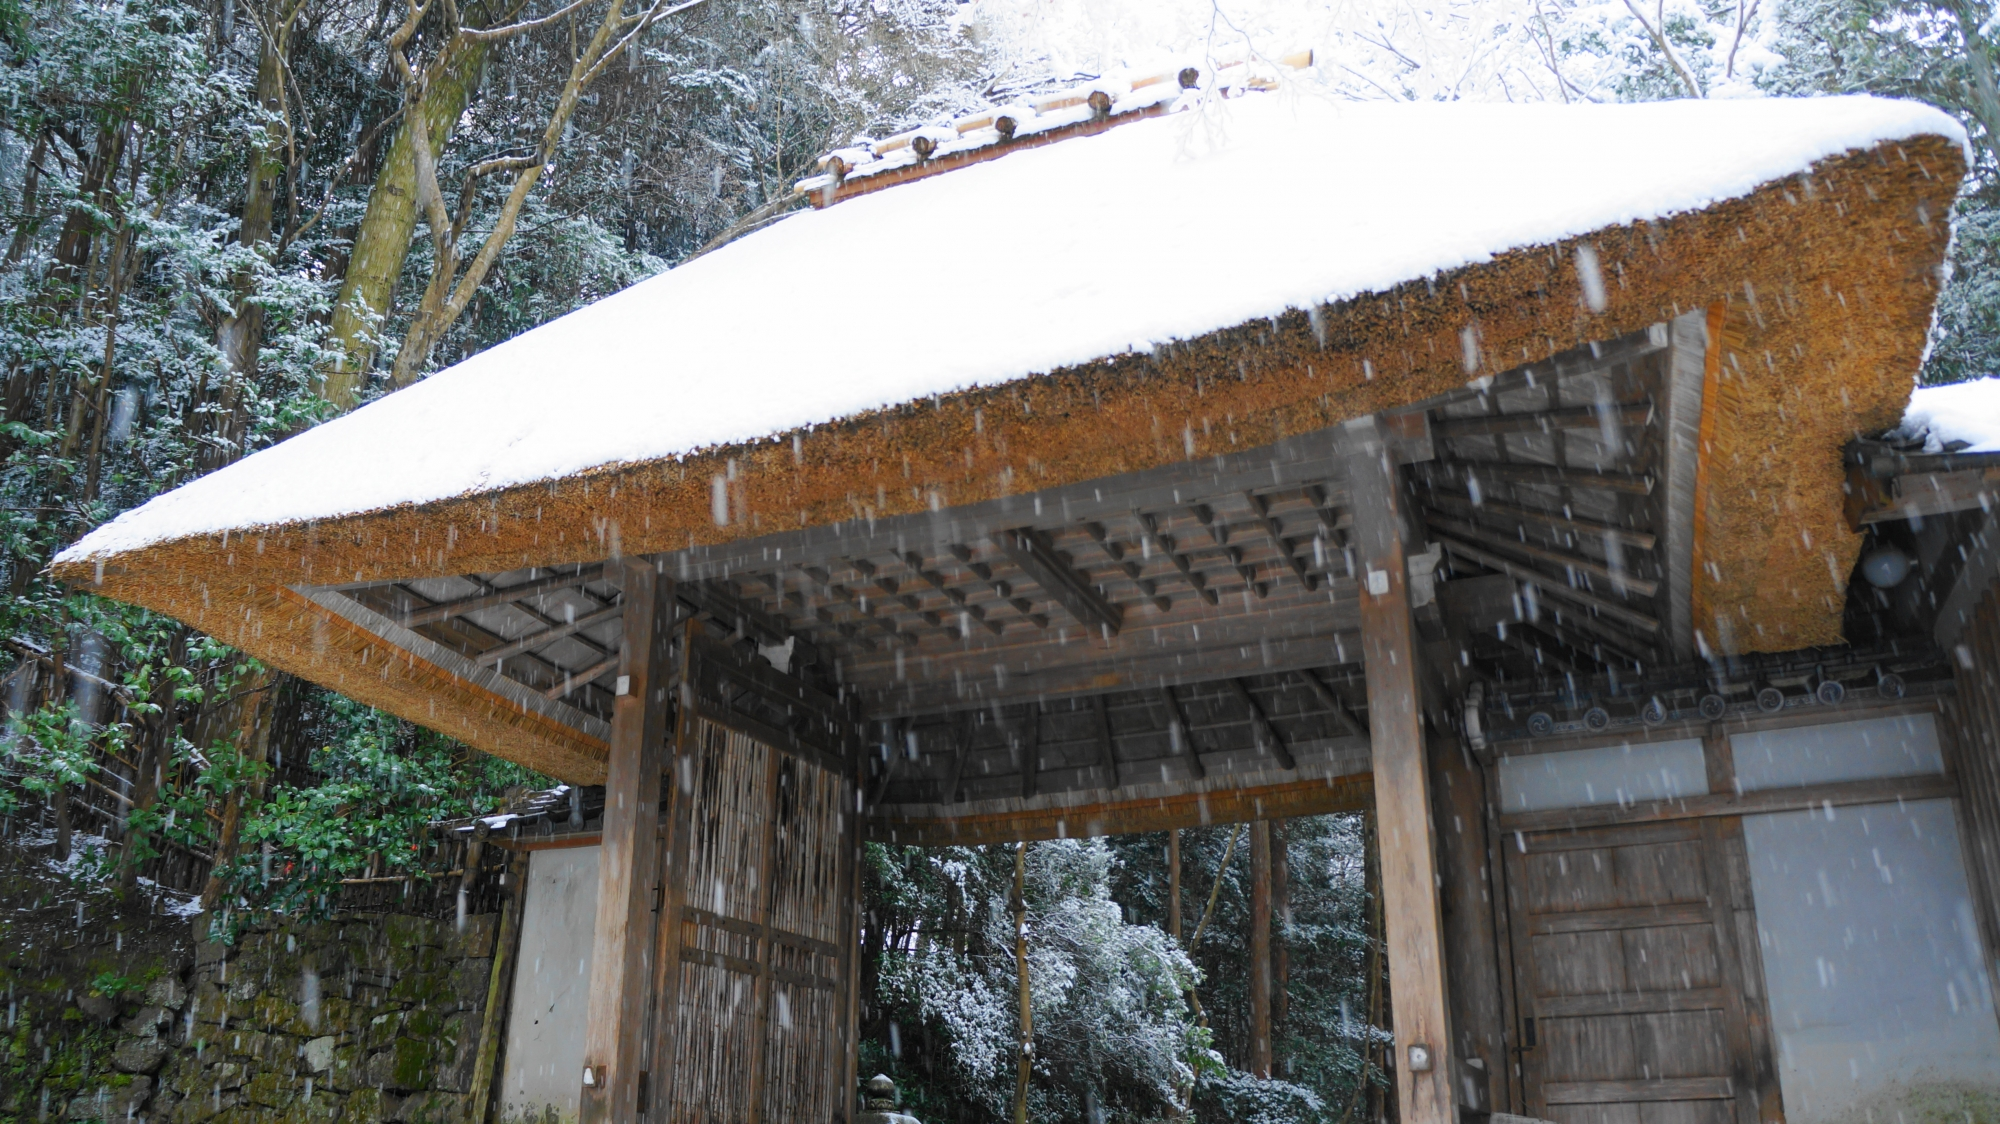 やや下から眺めた雪の山門